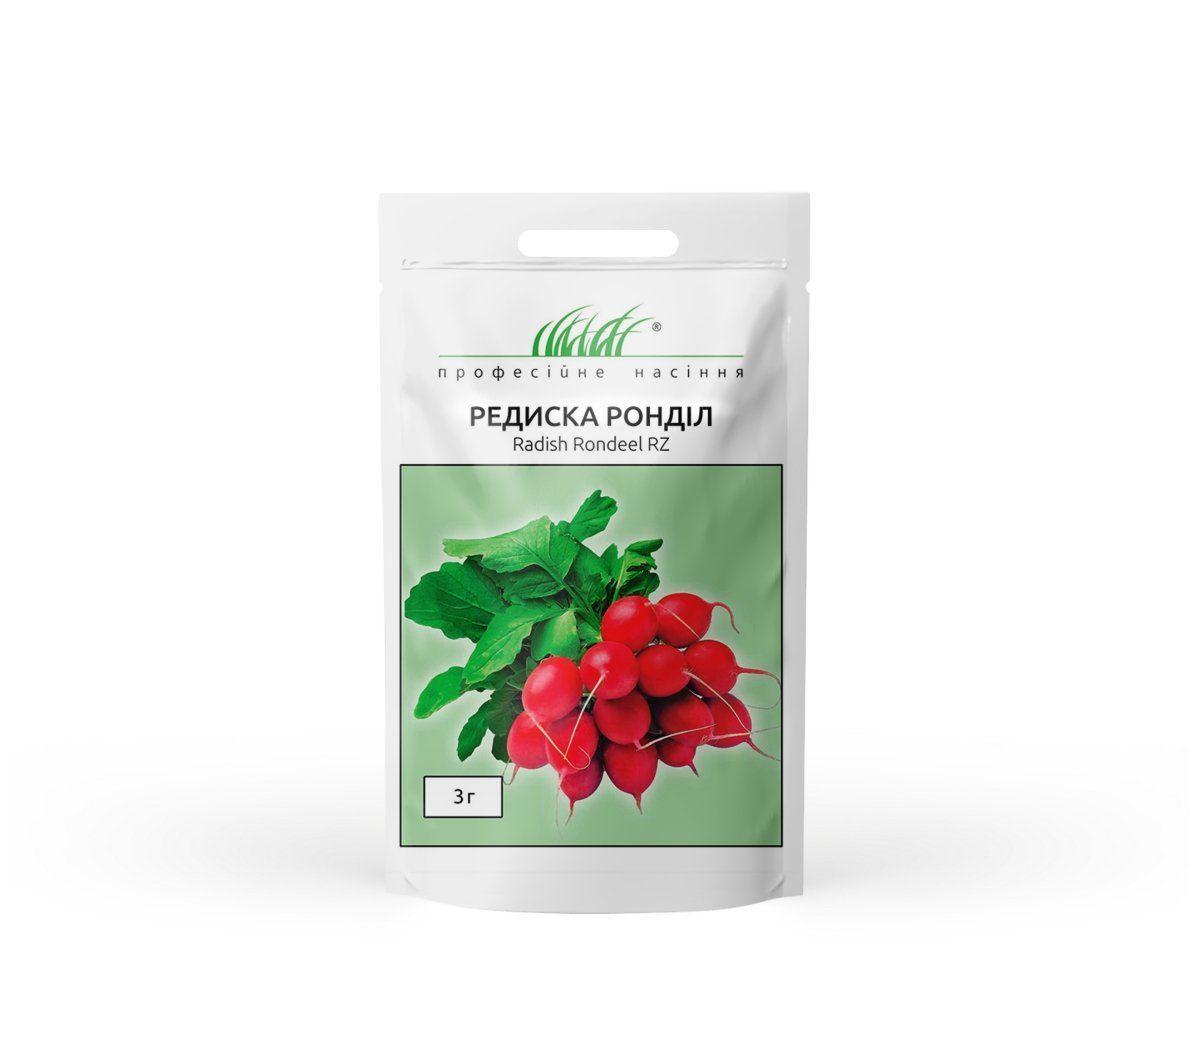 Семена редиса Рондил, 3 г — ранний сорт (35-40 дней), круглый, красный, Rijk Zwaan